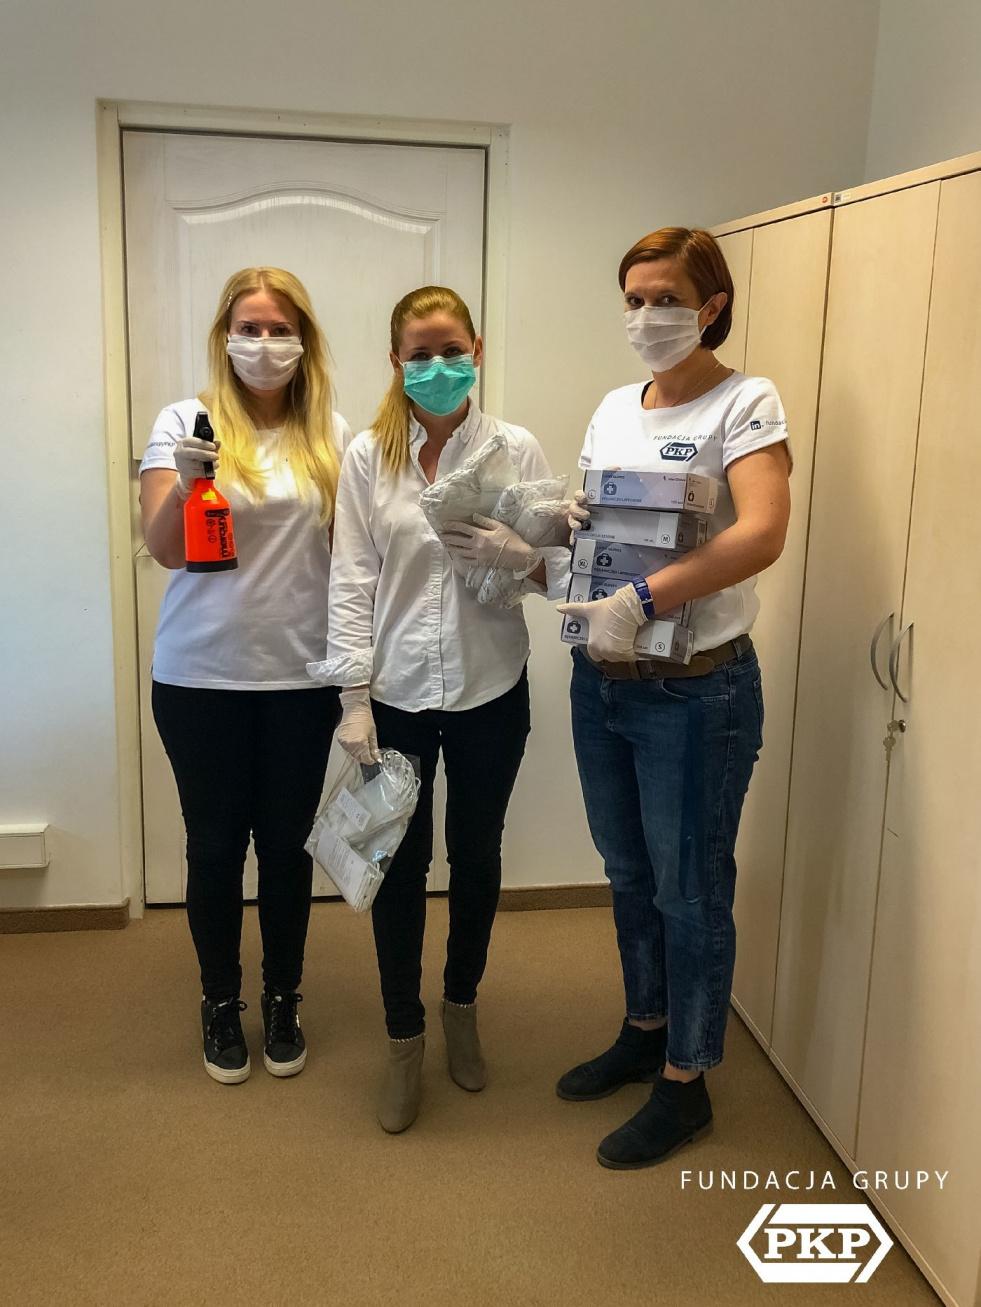 """Fundacja Grupy PKP """"uzbroiła"""" kolejarzy w maseczki ochronne"""